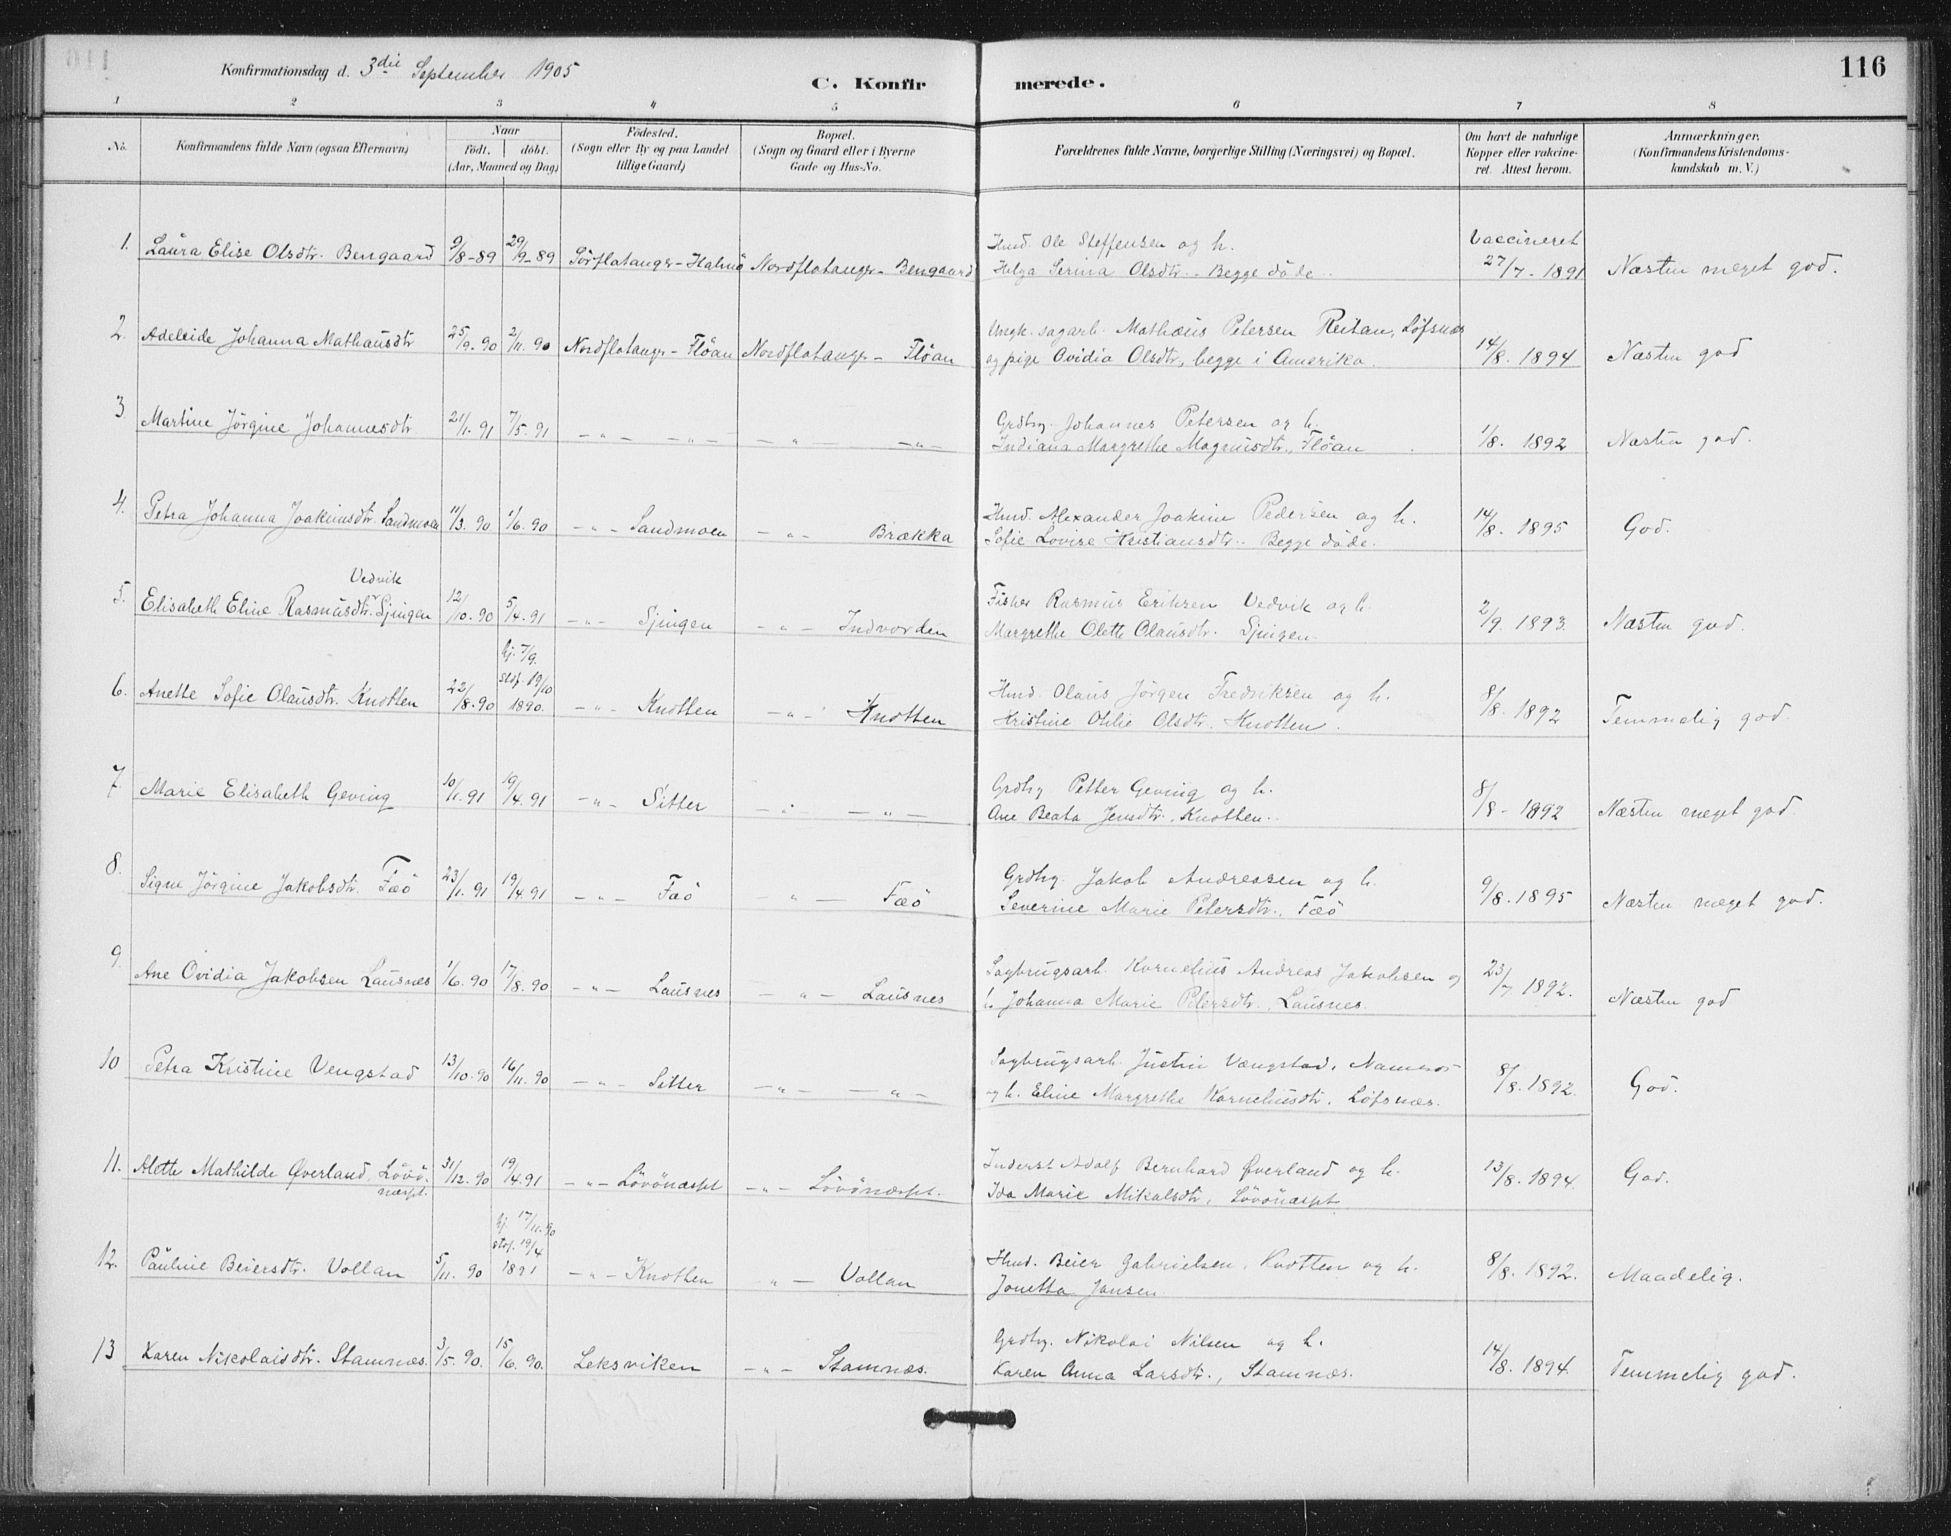 SAT, Ministerialprotokoller, klokkerbøker og fødselsregistre - Nord-Trøndelag, 772/L0603: Ministerialbok nr. 772A01, 1885-1912, s. 116